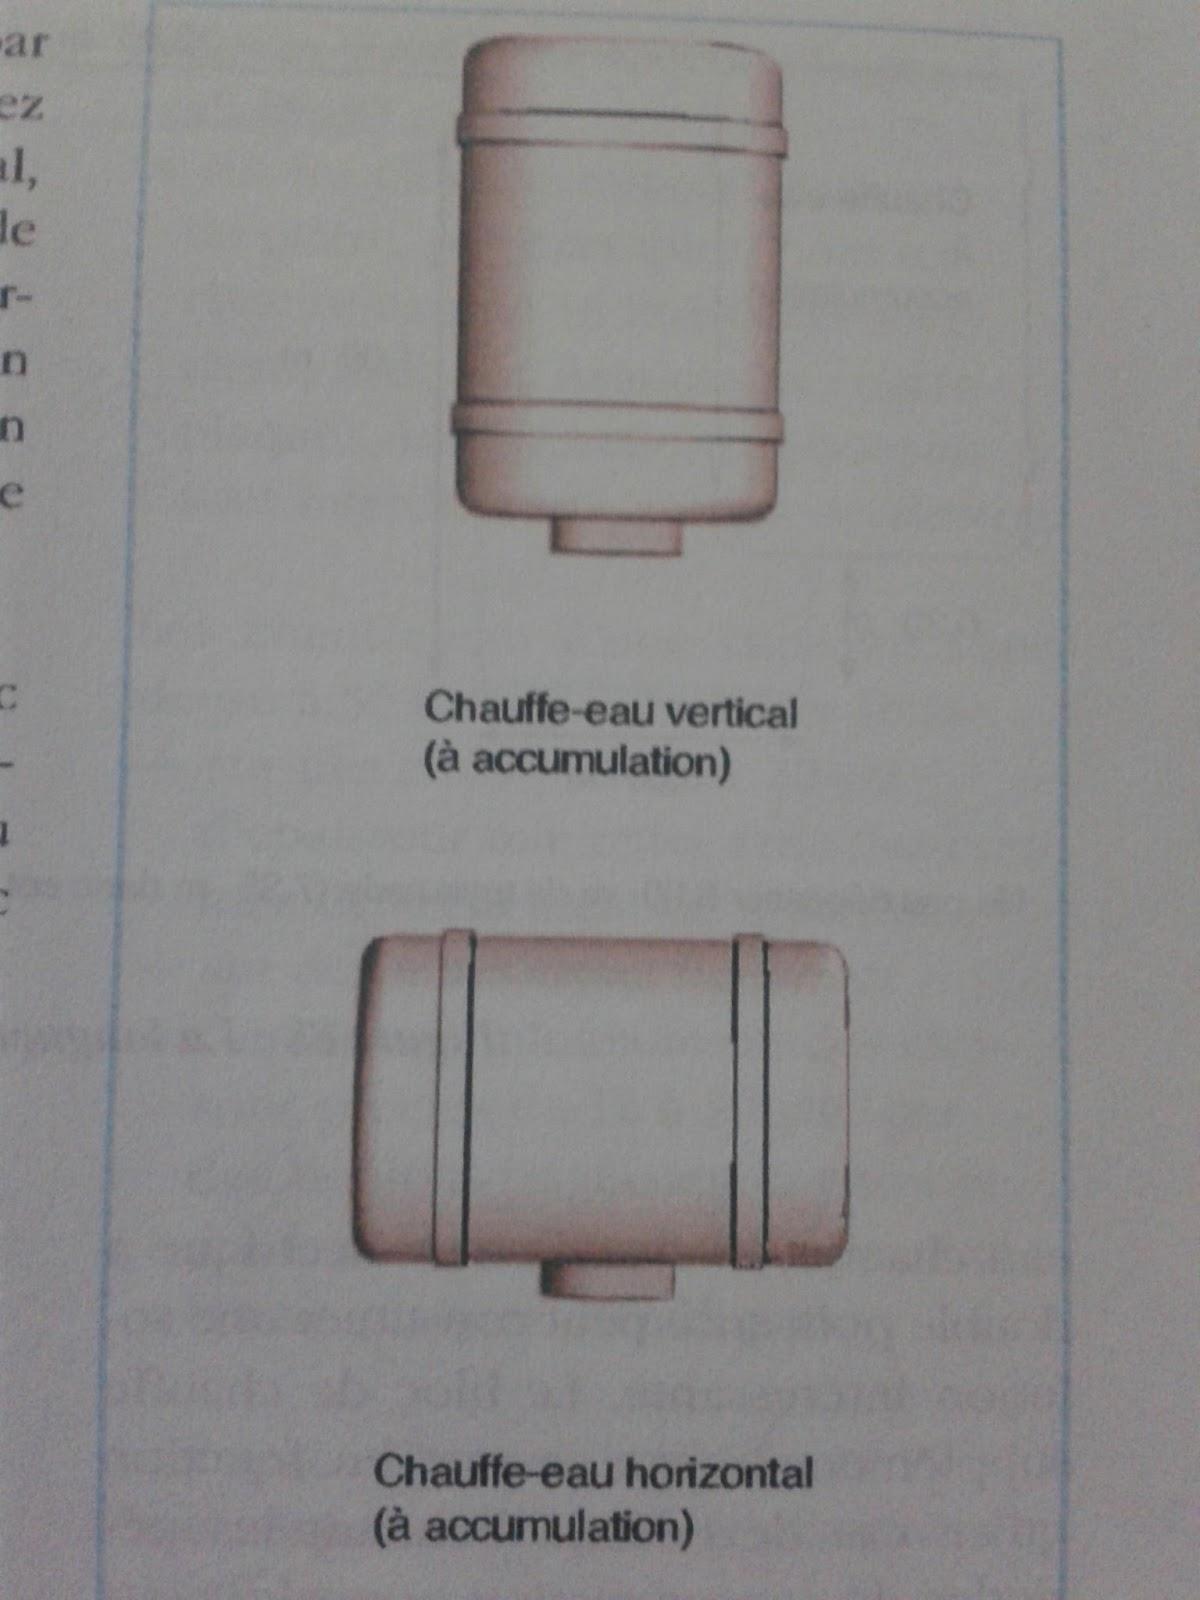 Quipement d 39 un chauffe eau lectrique et type de for Type de chauffe eau